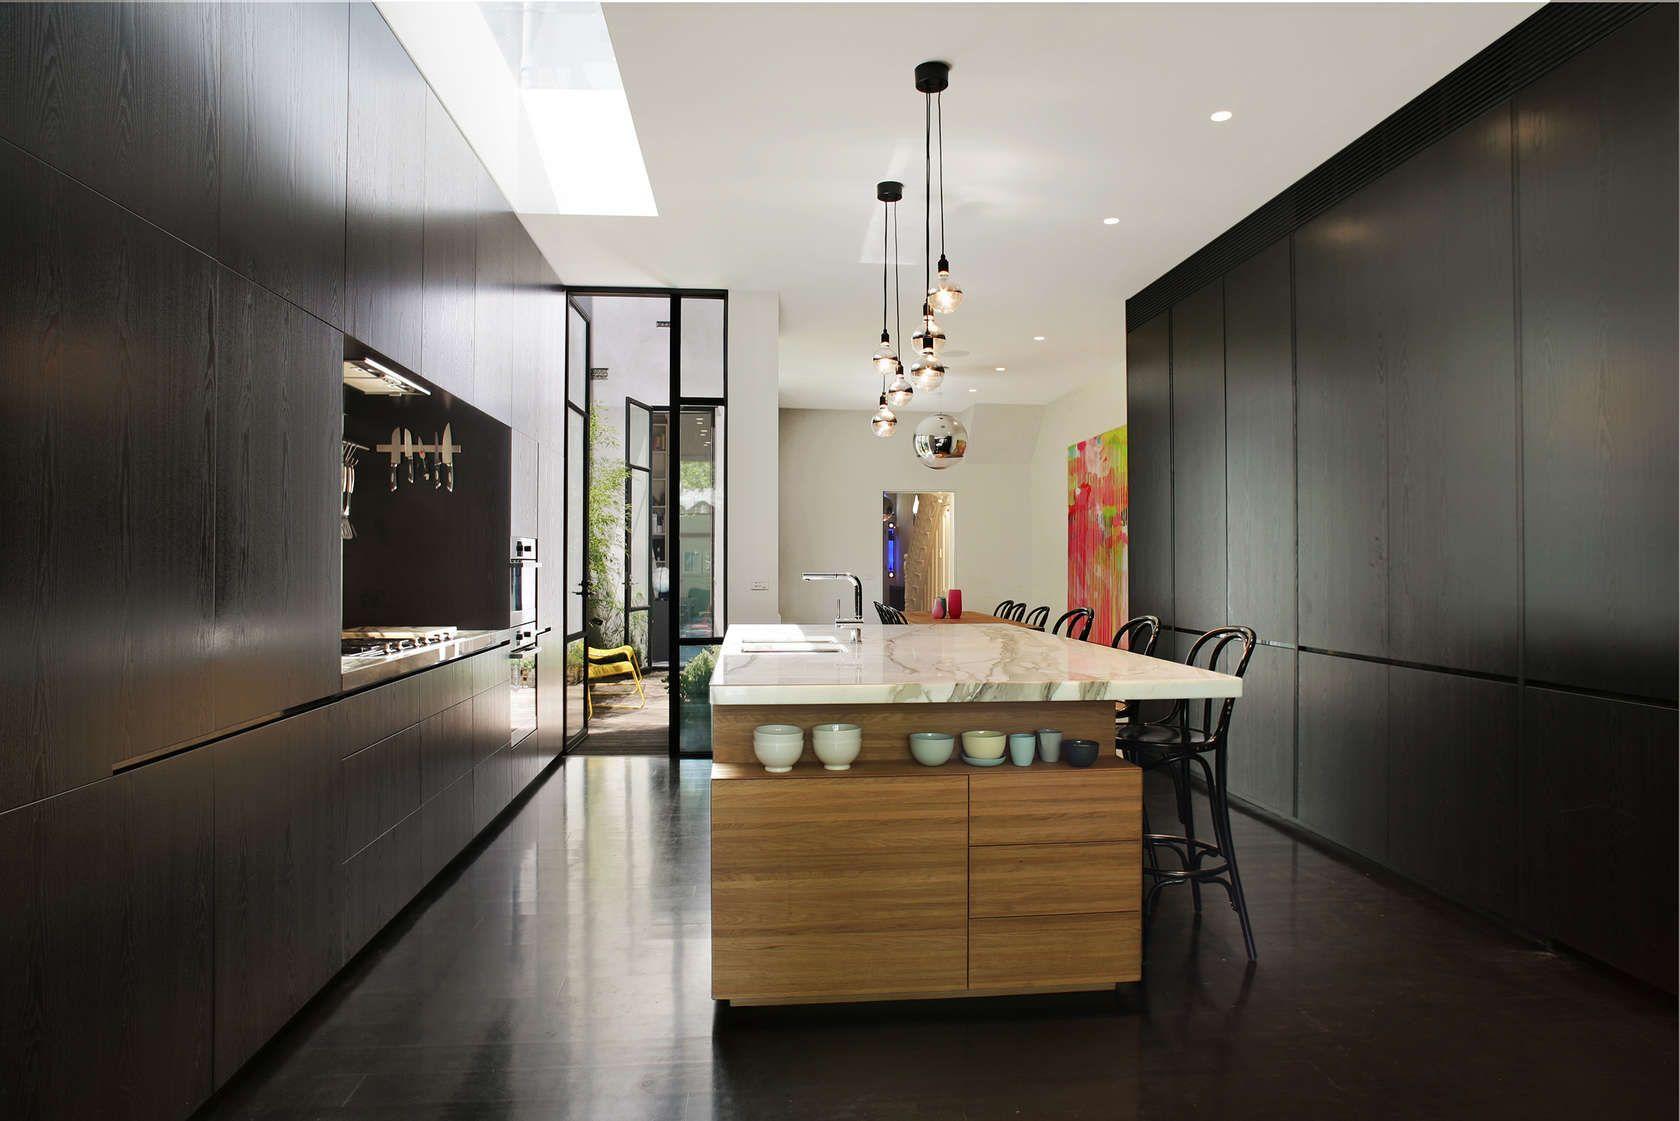 100 idee di cucine moderne con elementi in legno   Black kitchens ...